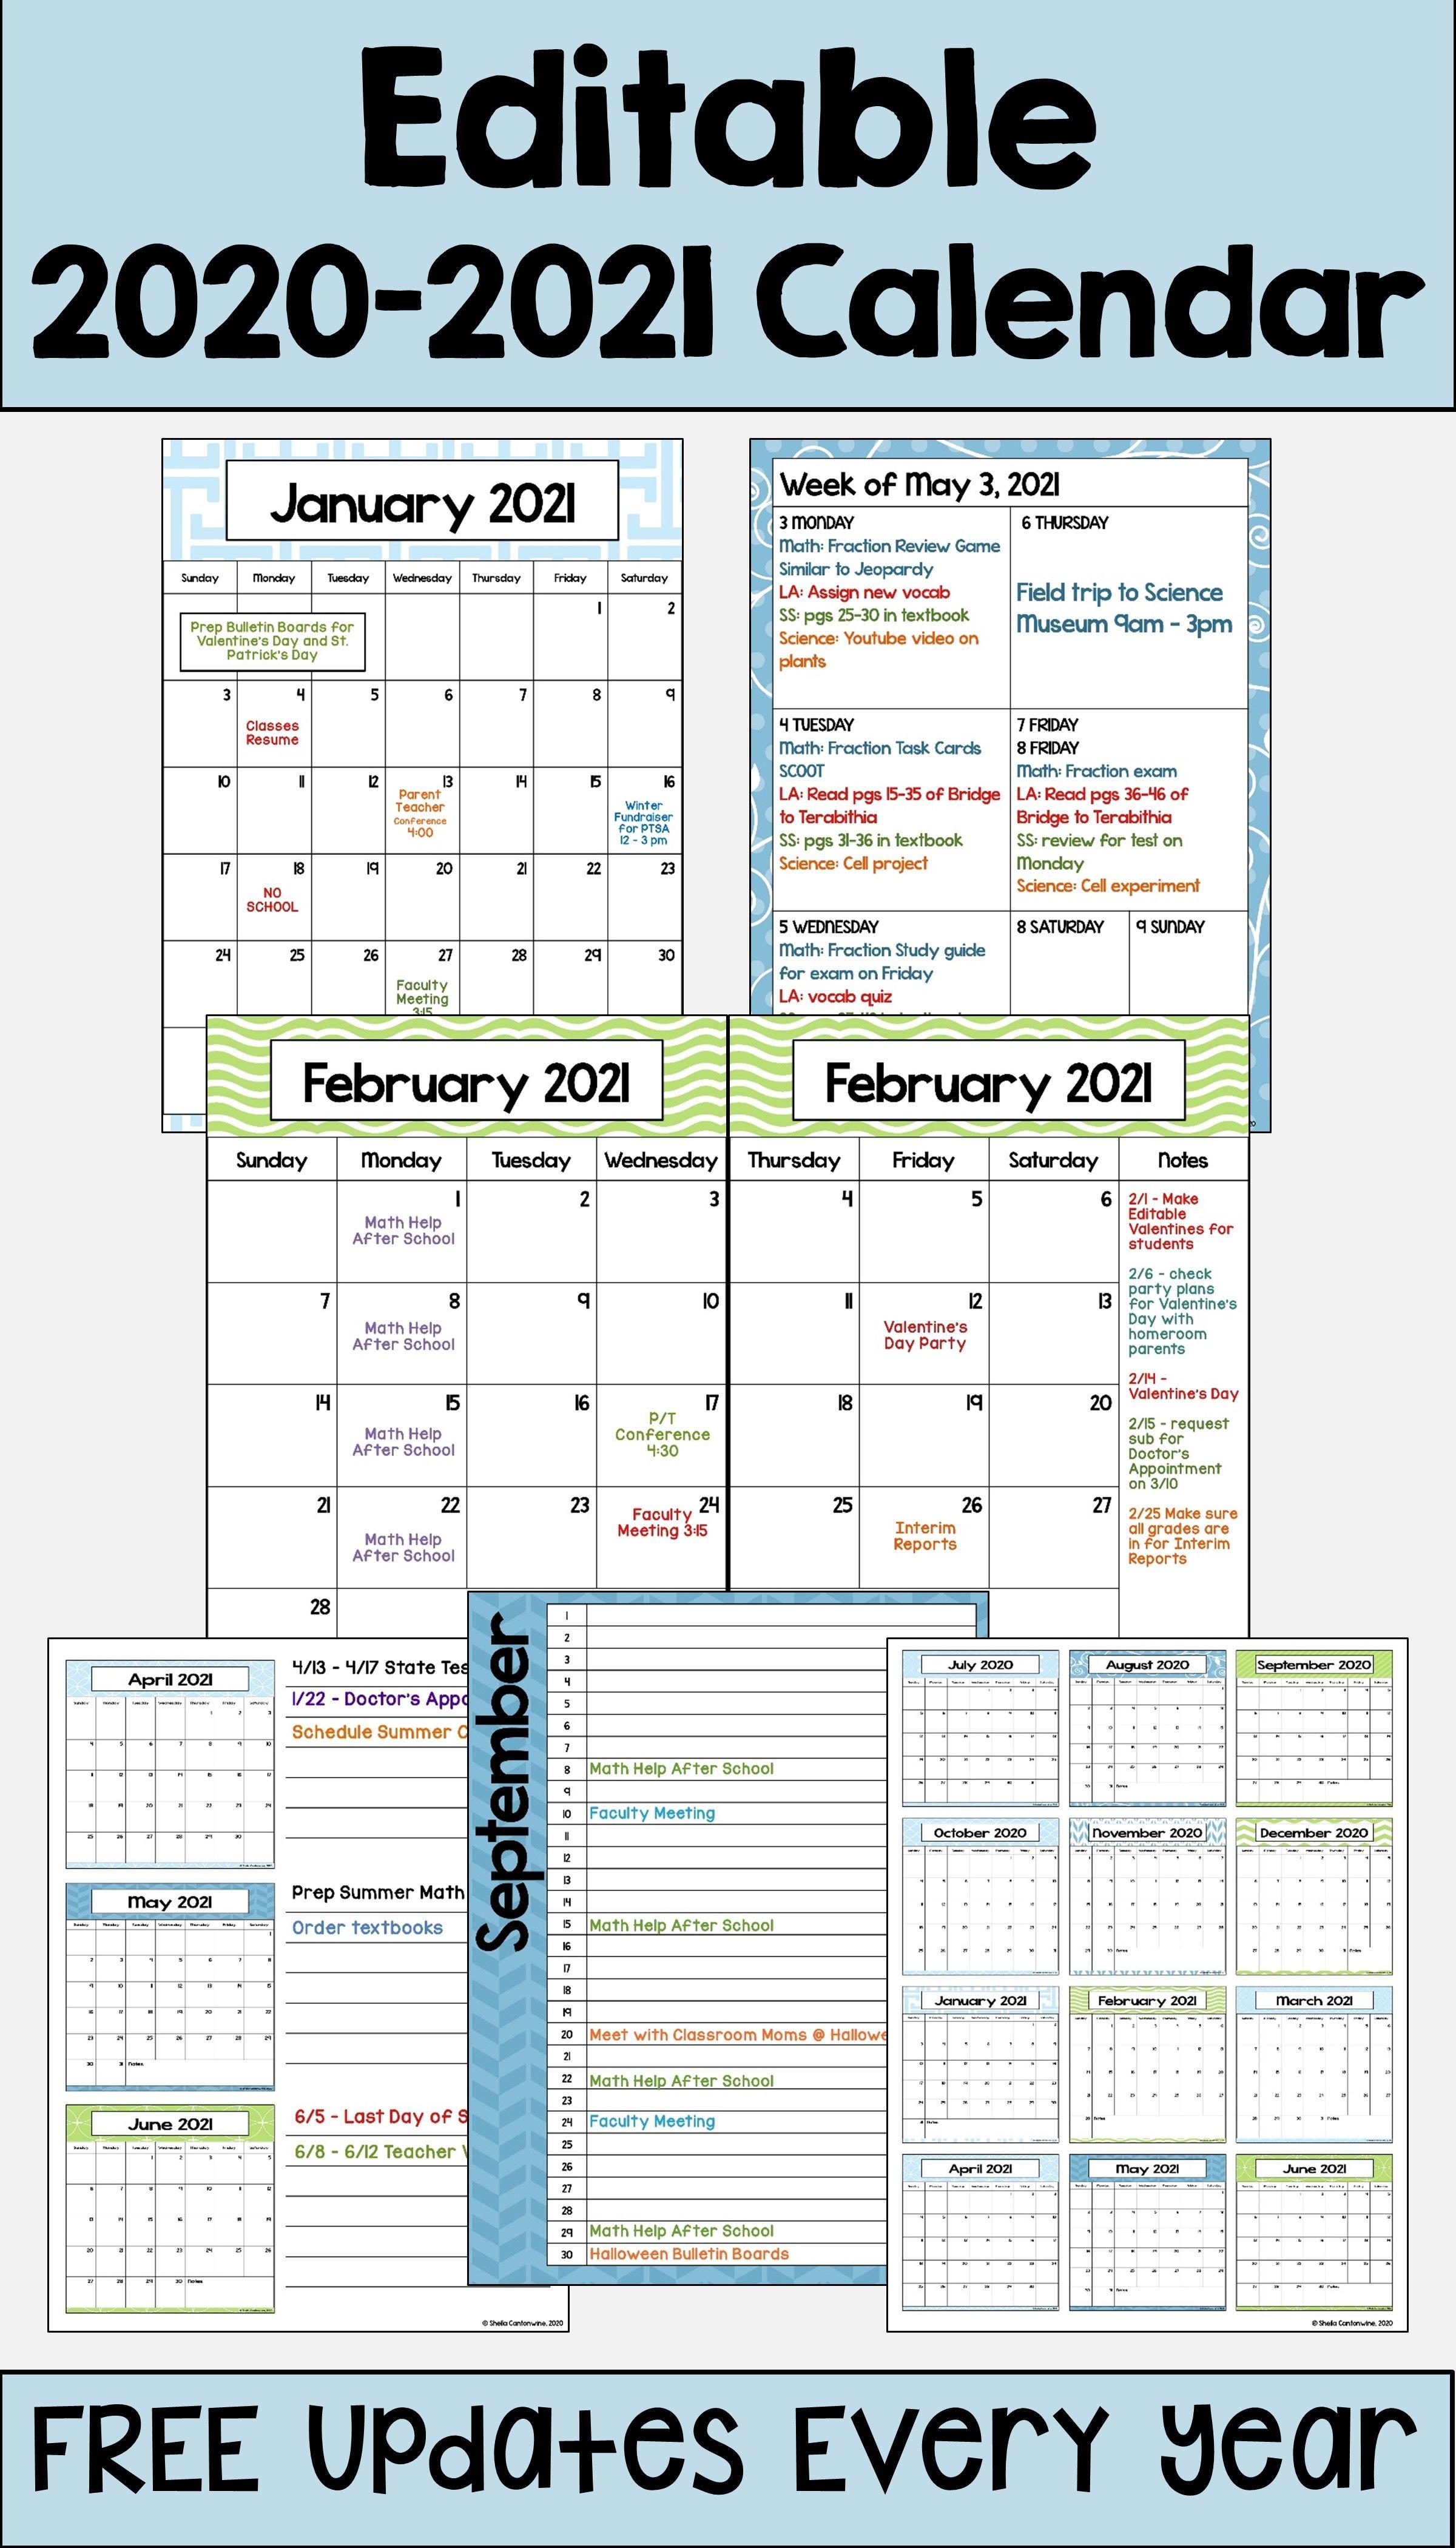 20202021 Calendar Printable and Editable with FREE